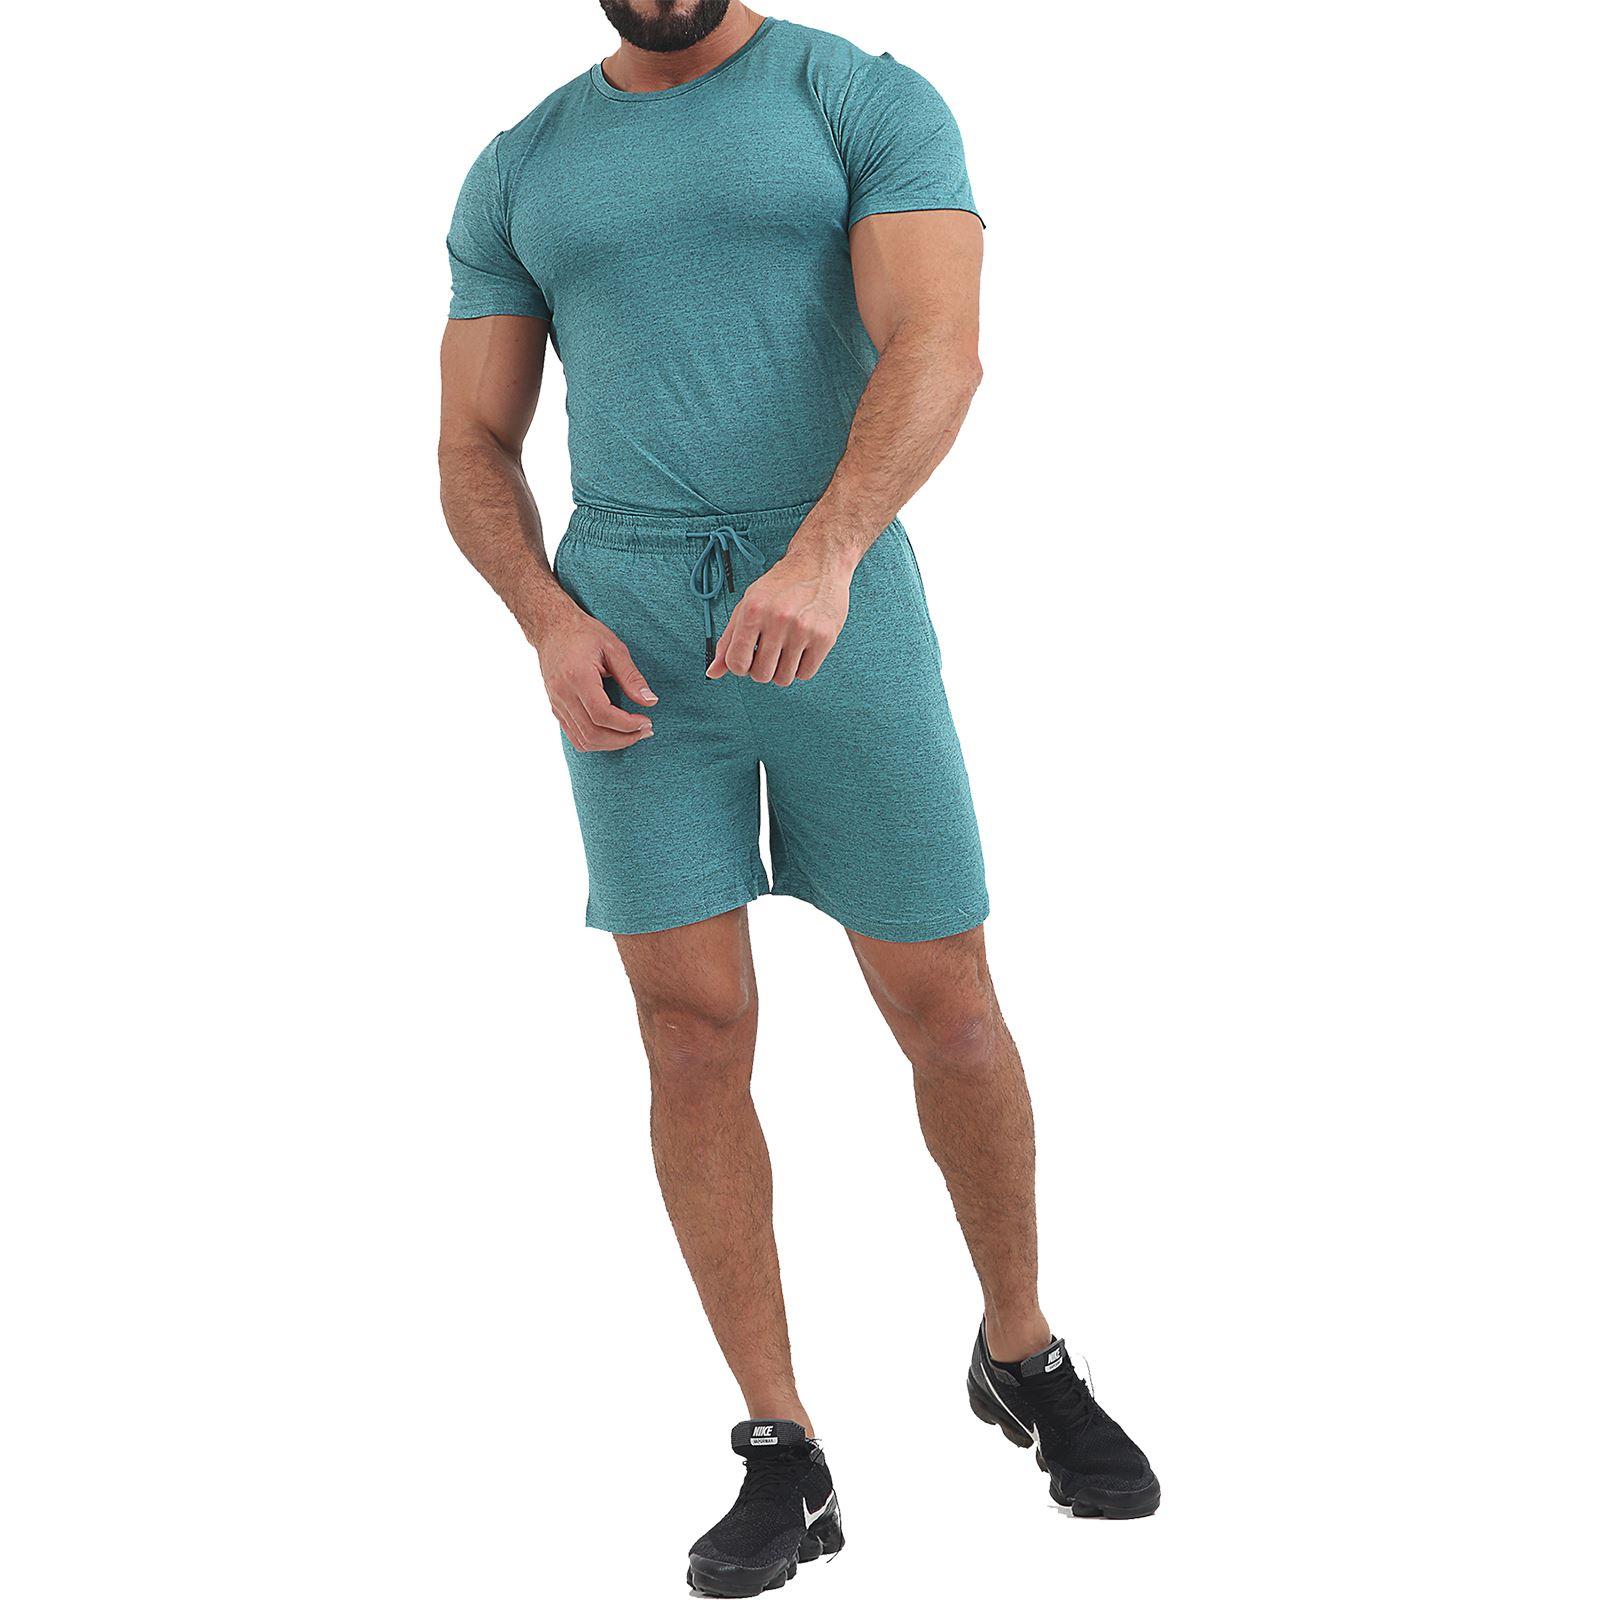 Men/'s T-shirt and Short Set Gym Sports Summer Running Sweat Lightweight Outfit